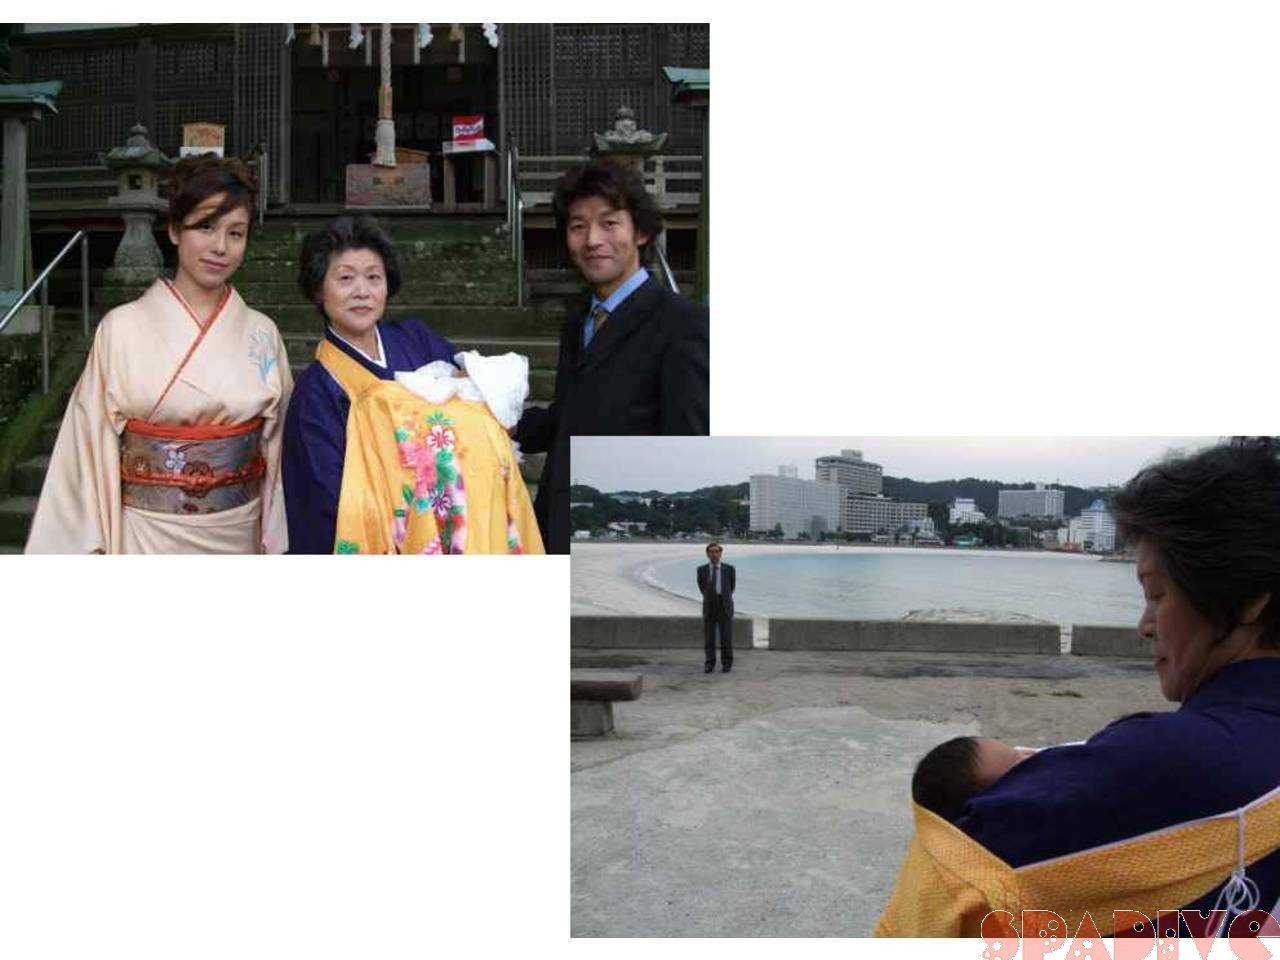 初お宮参り|10/27/2008